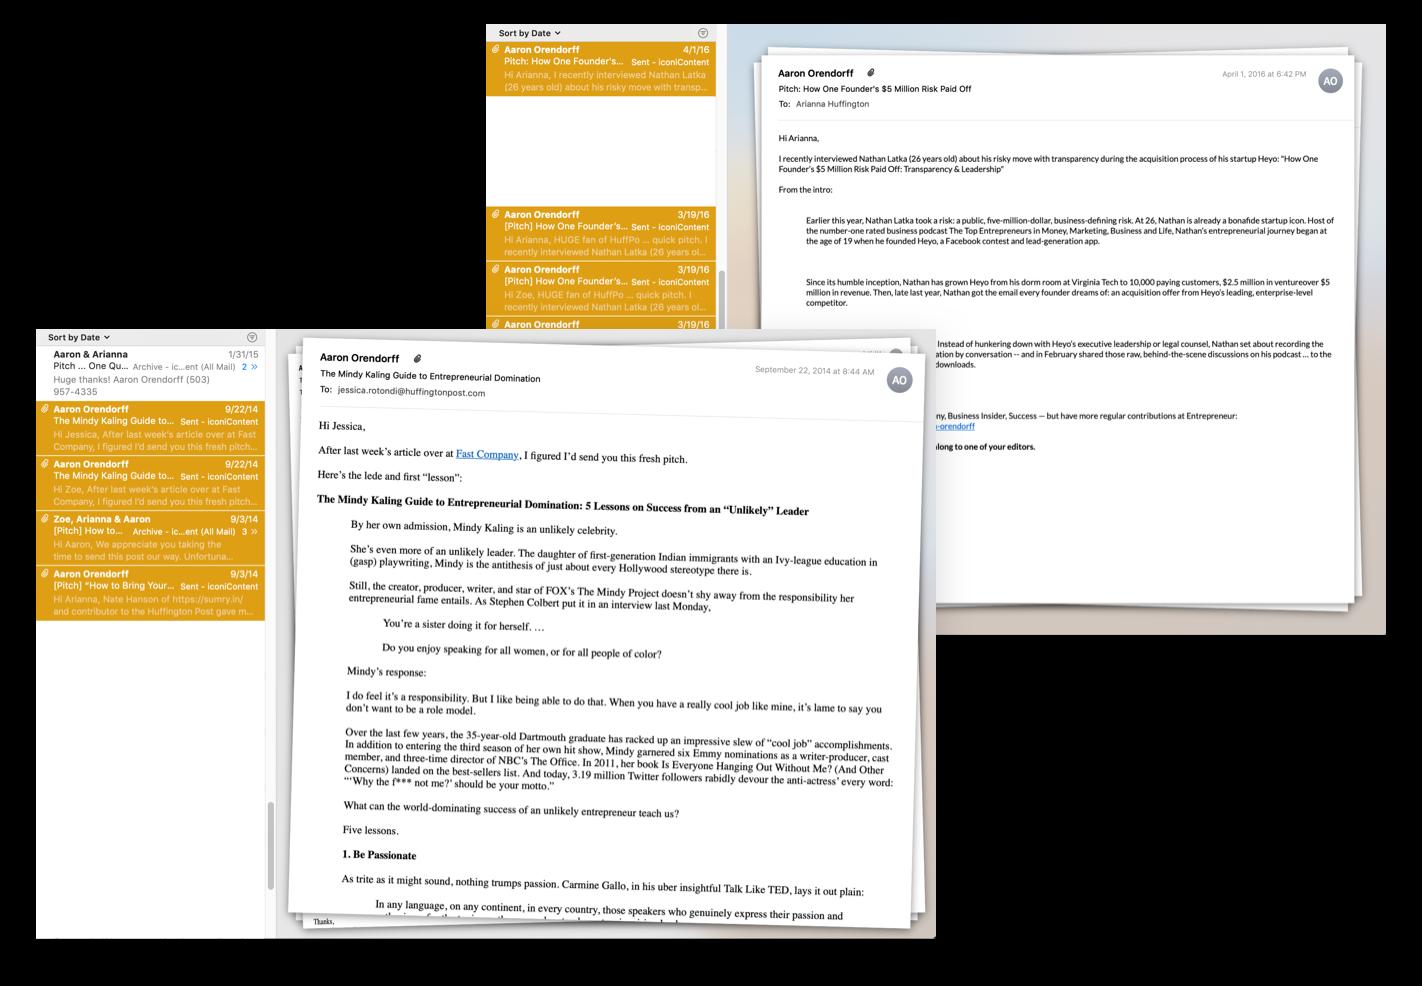 Varie email di presentazione degli ospiti inviate agli editori dell'Huffington Post